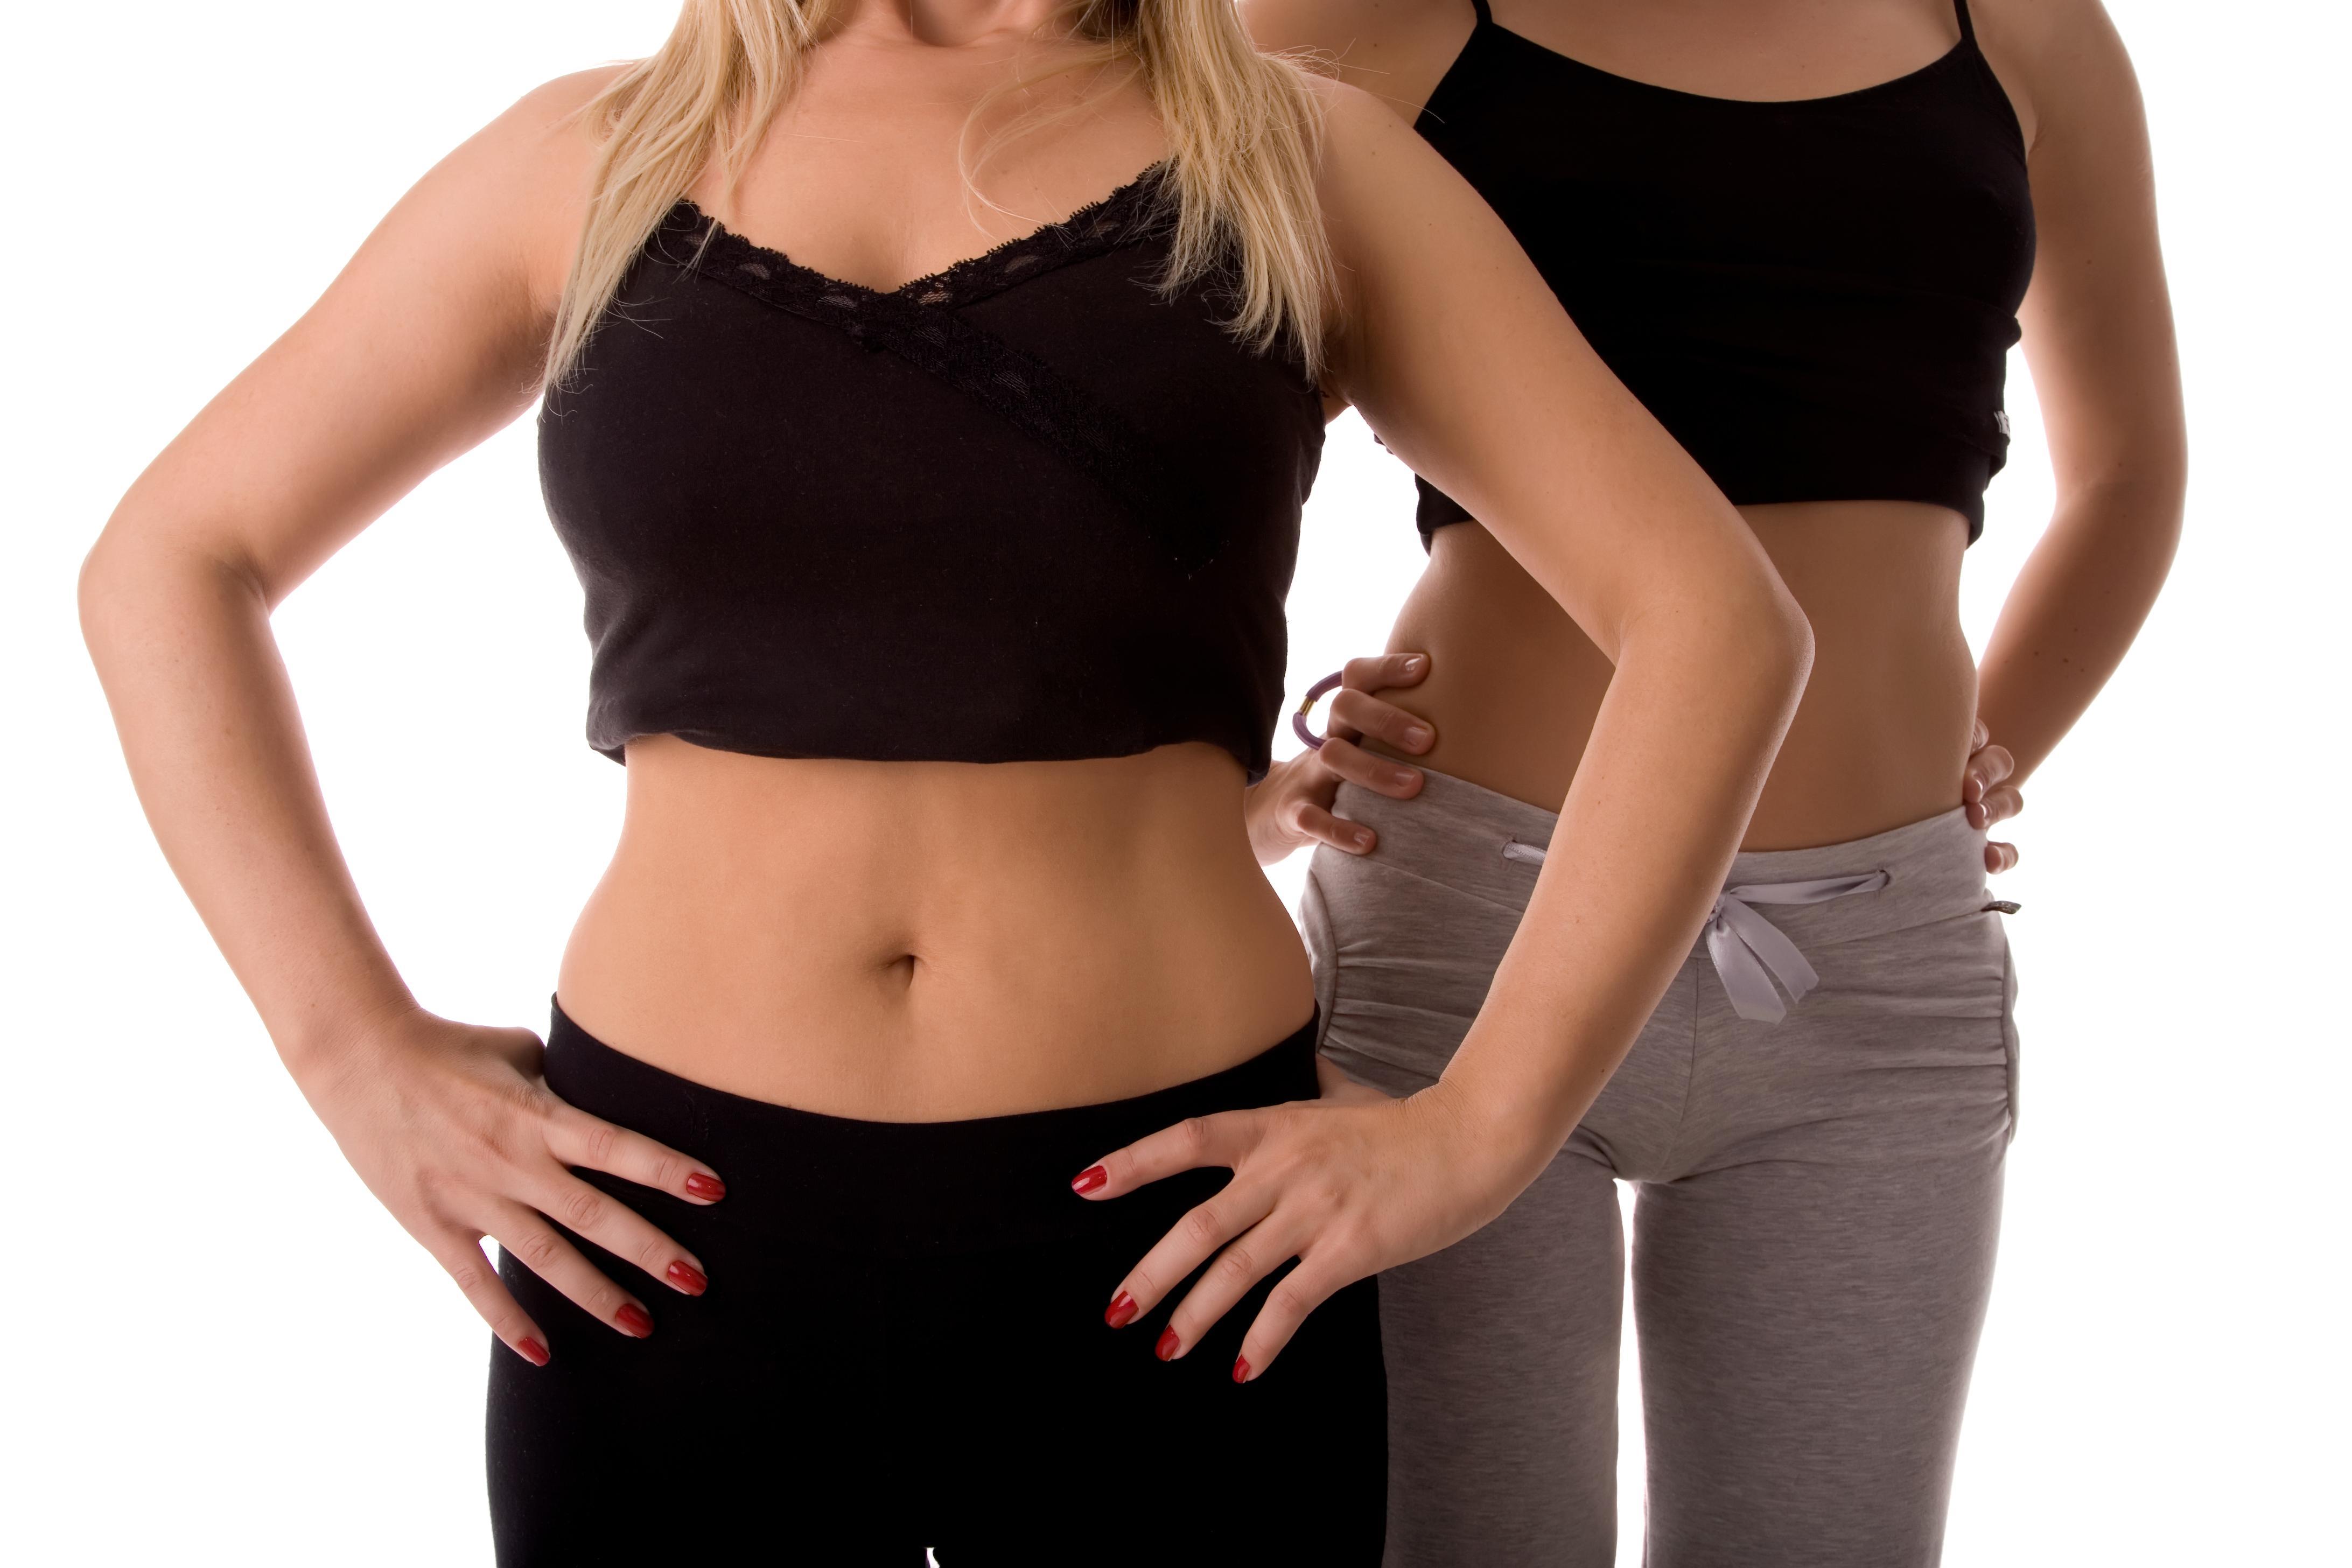 Endurecer a Barriga – Três Exercícios para Endurecer a Barriga Depois de Perder Peso